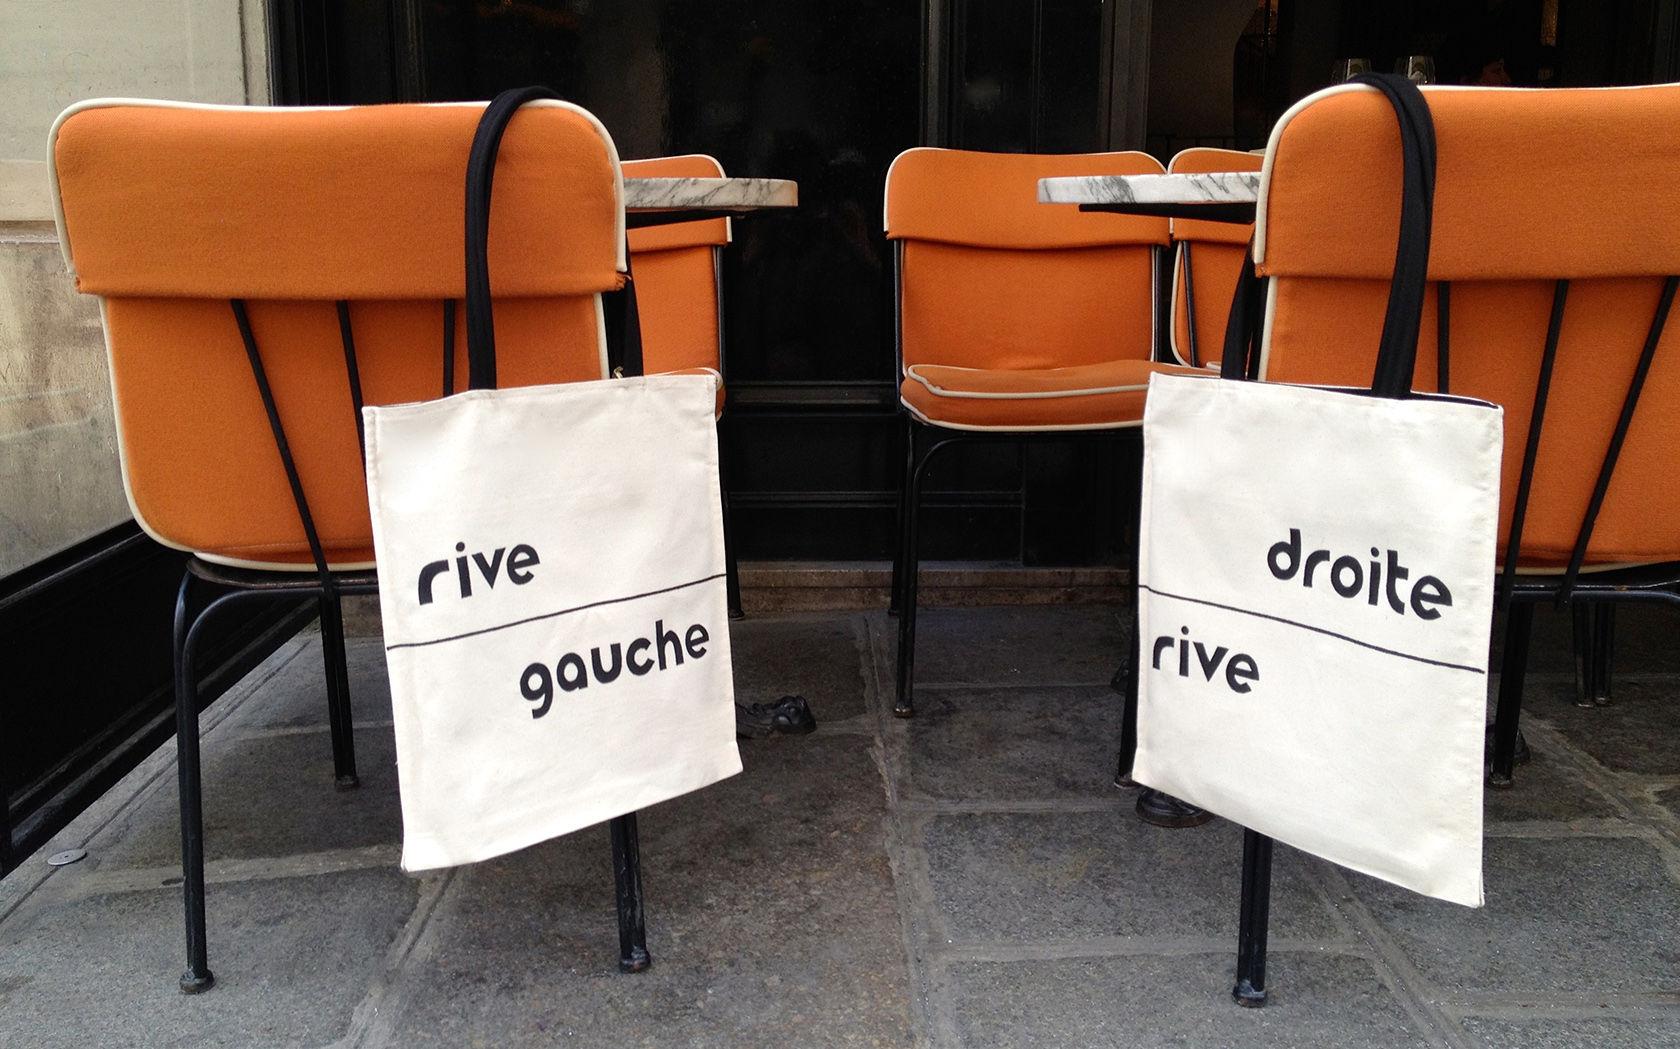 kasia-dietz-handbags-rive-droite-rive-gauche @kasiadietzbags